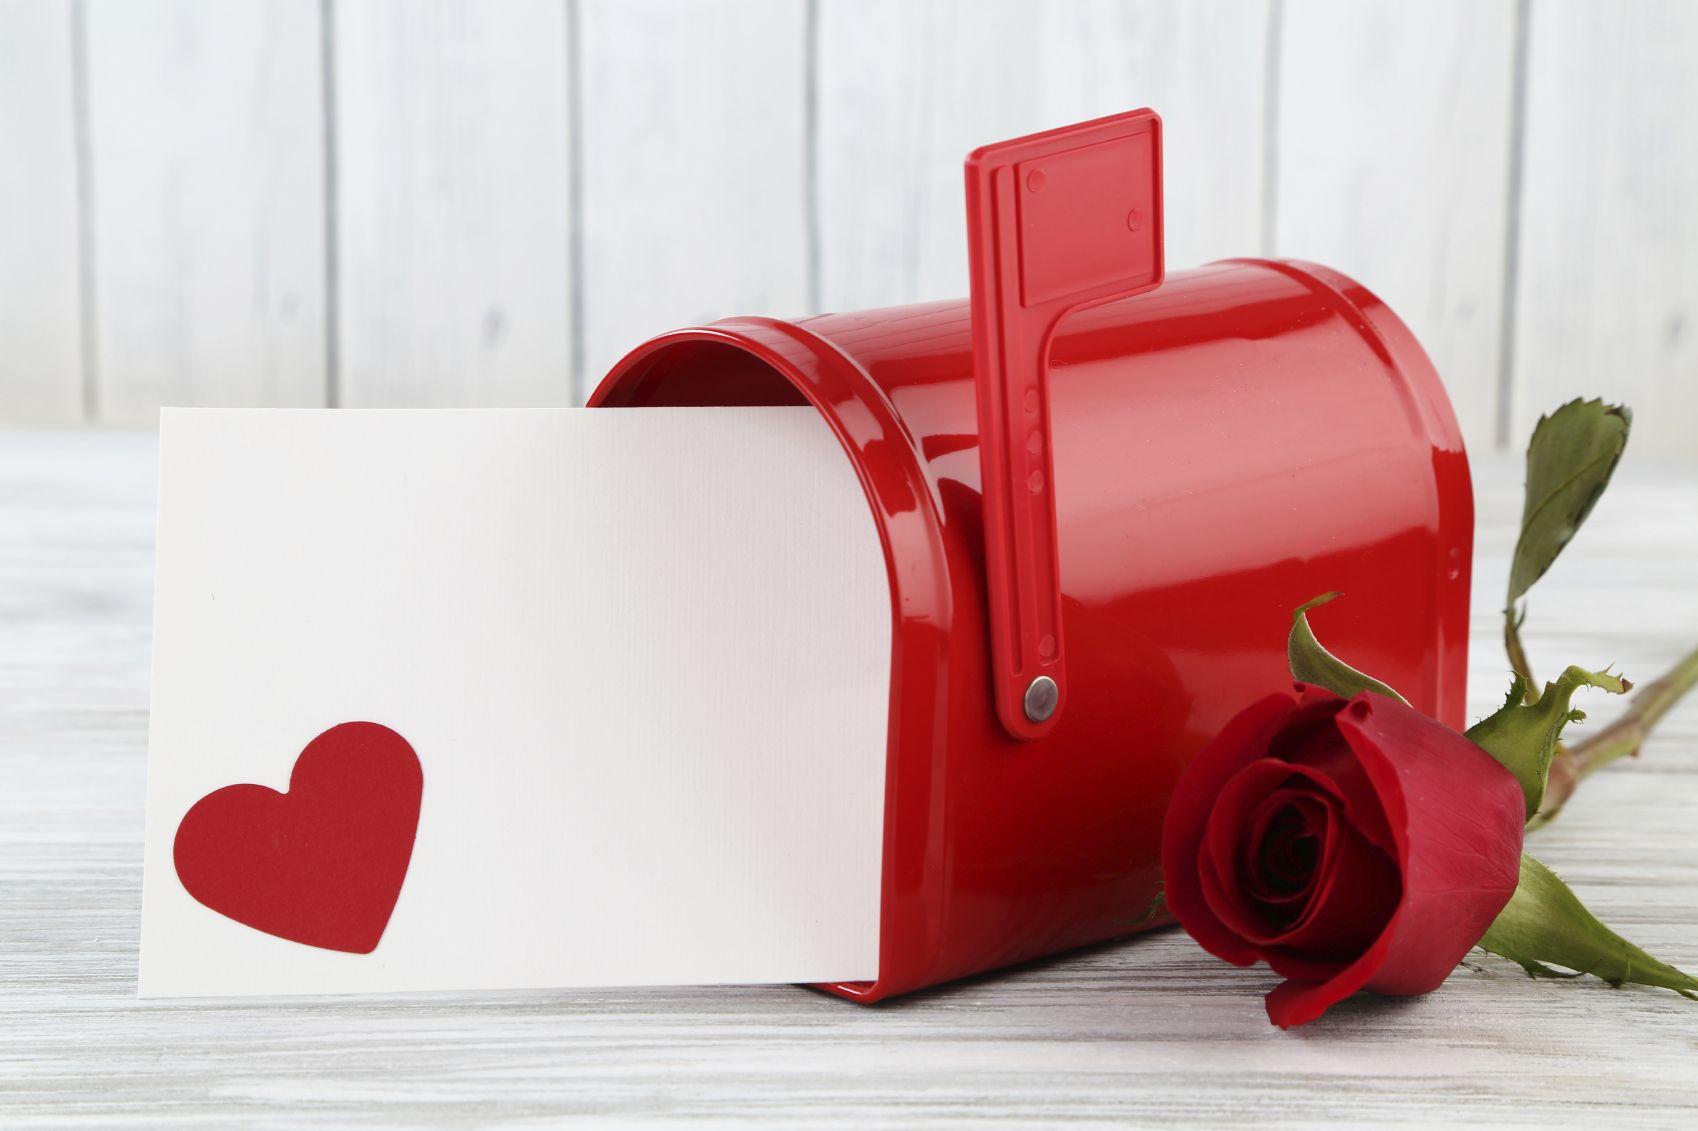 All you need is love: ideas de decoración para San Valentín : Album photo - enfemenino